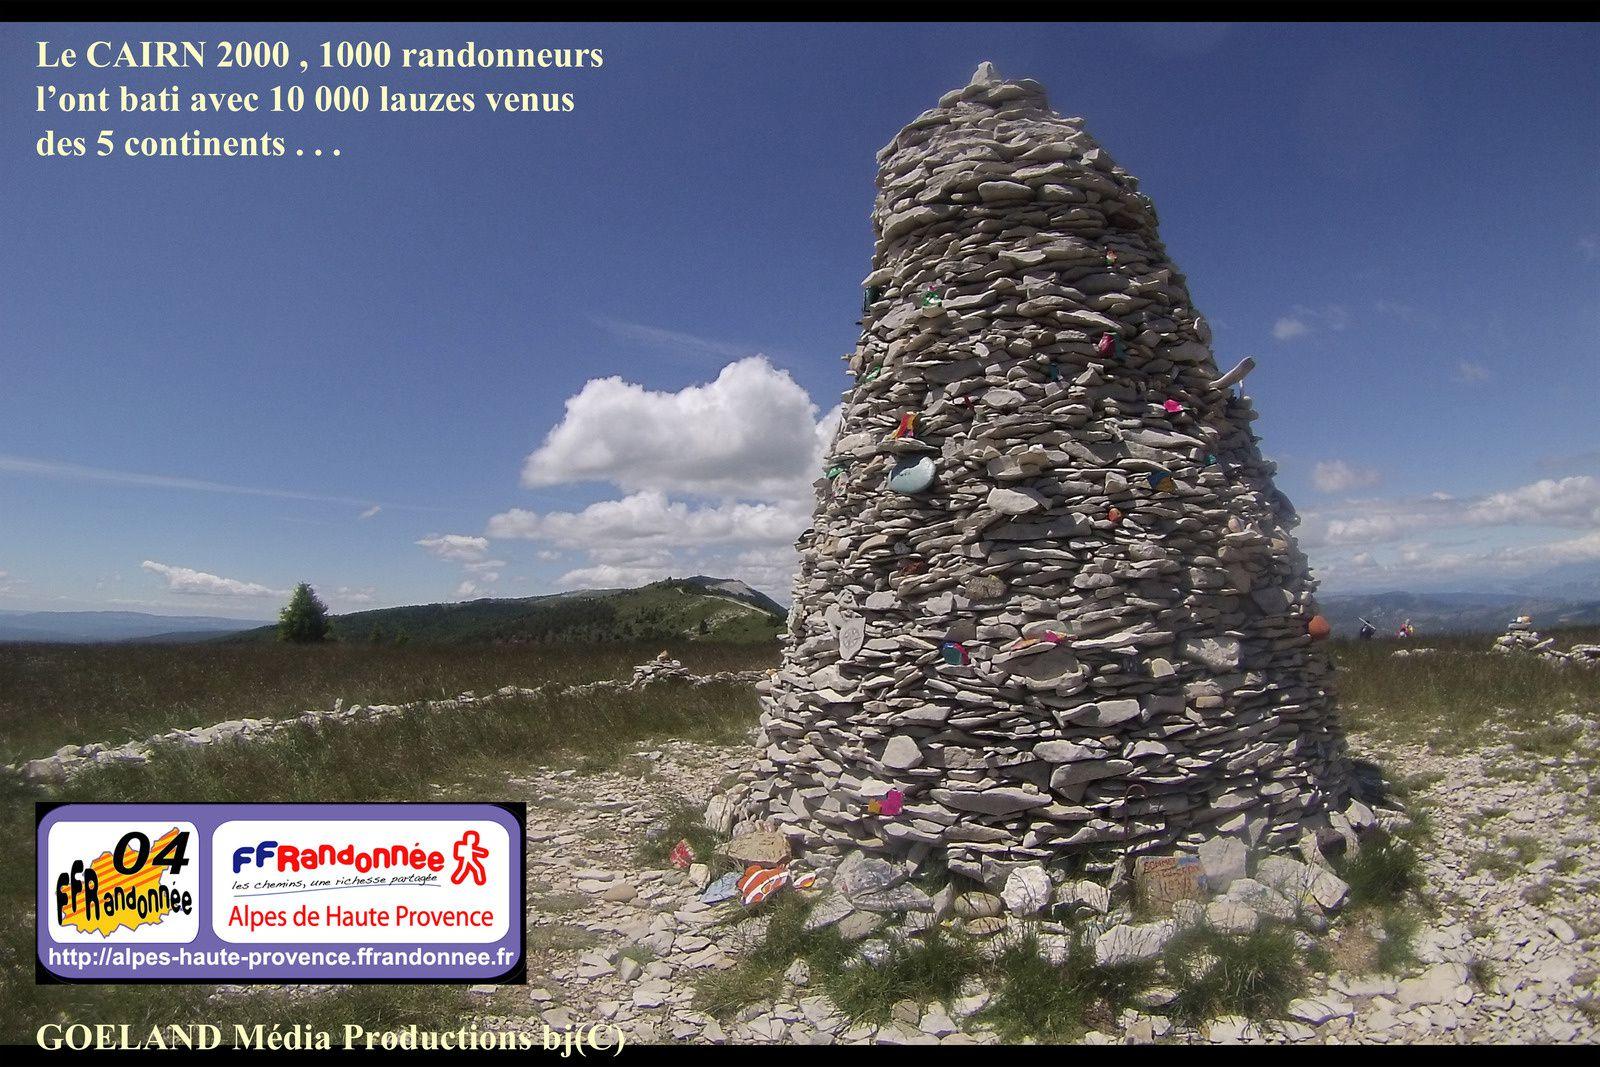 16éme Anniversaire du CAIRN 2000 - Montagne de Lure